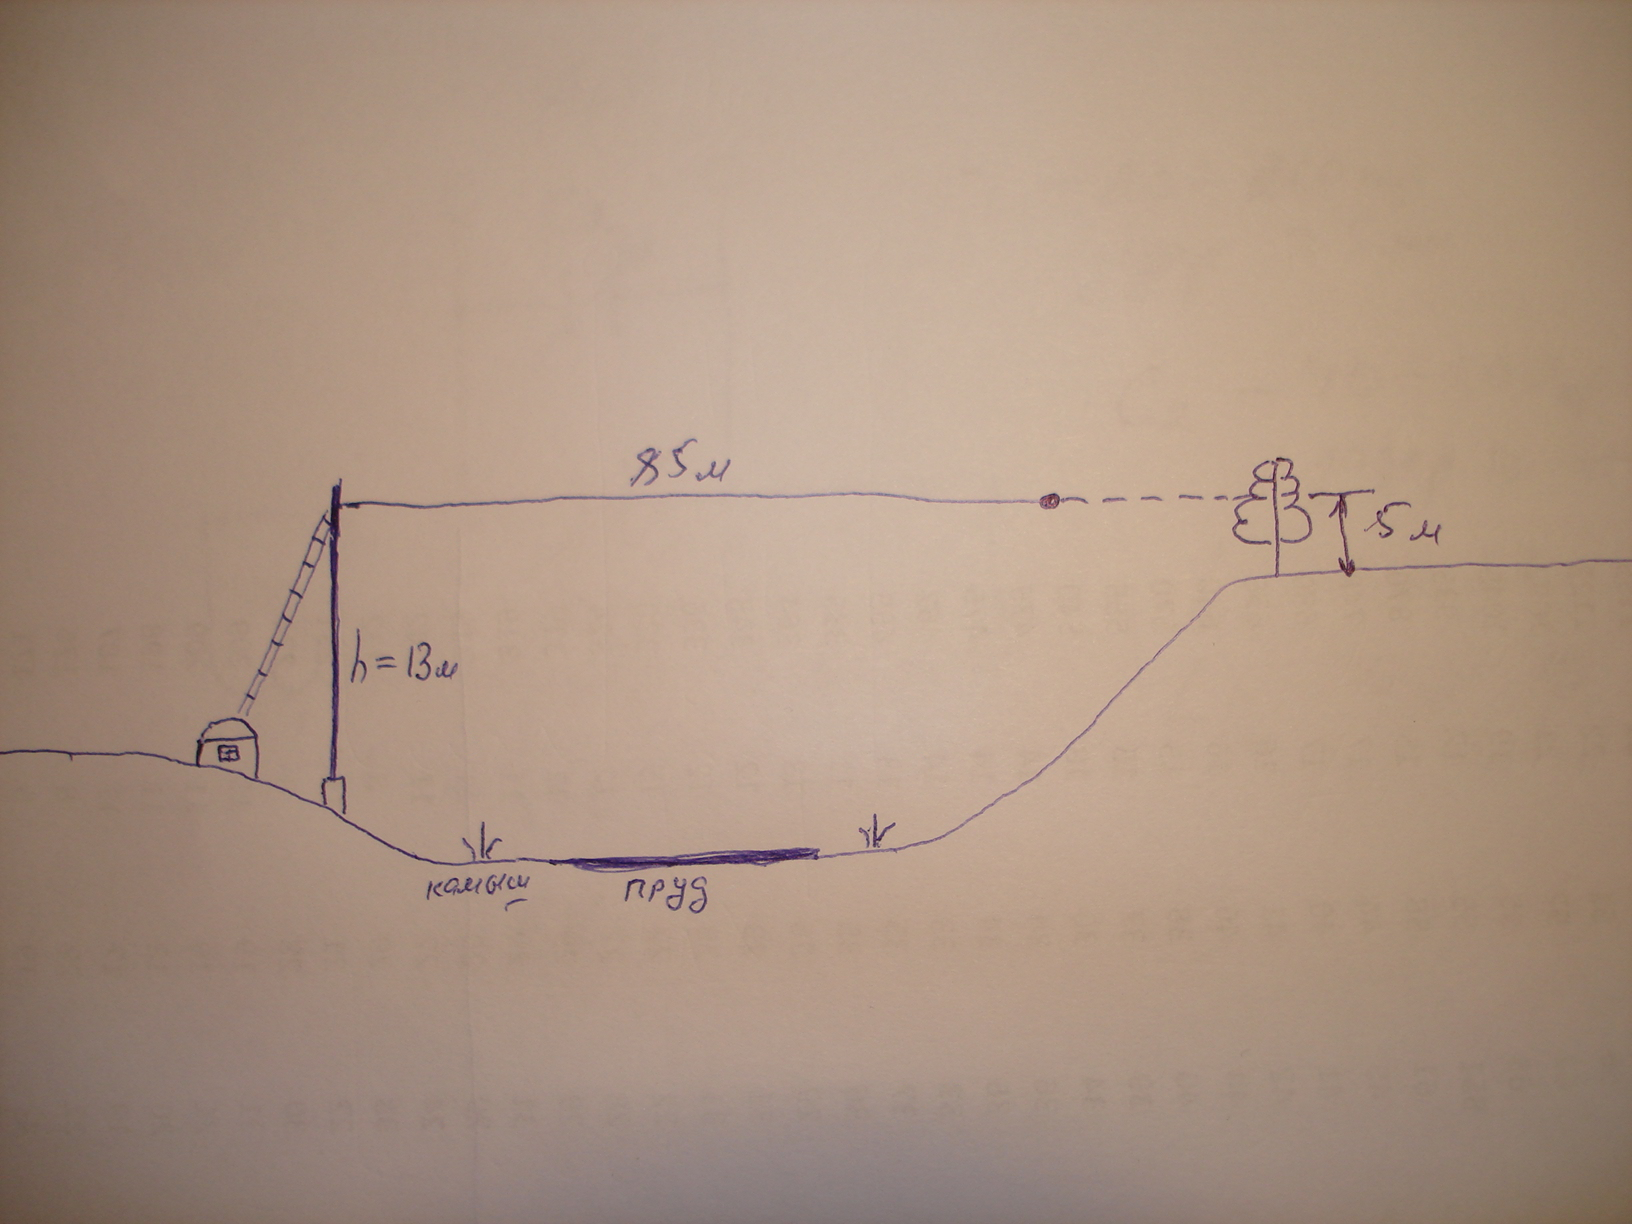 Нажмите на изображение для увеличения.  Название:DSC03952.JPG Просмотров:349 Размер:722.6 Кб ID:83925